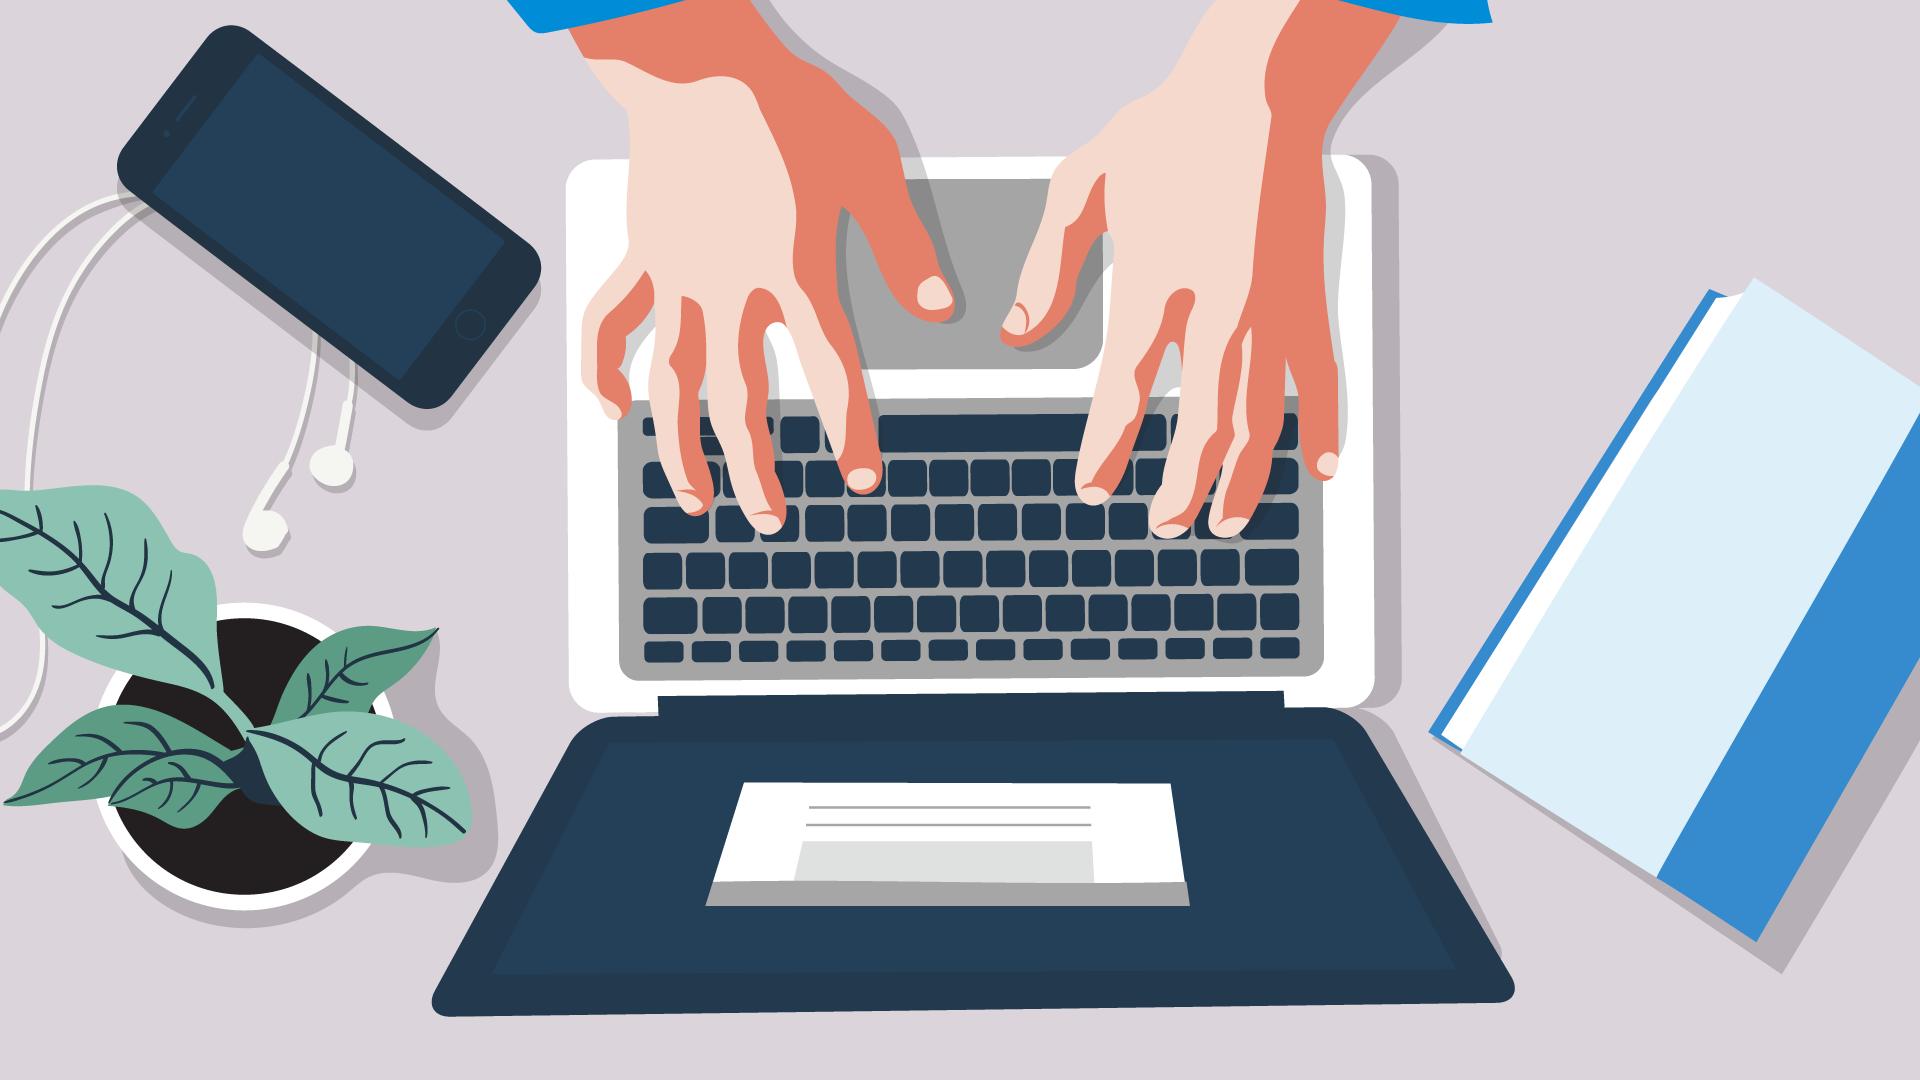 Draufsicht auf einen Laptop mit Anzeige des Einkommensteuerrechners von Kontist.